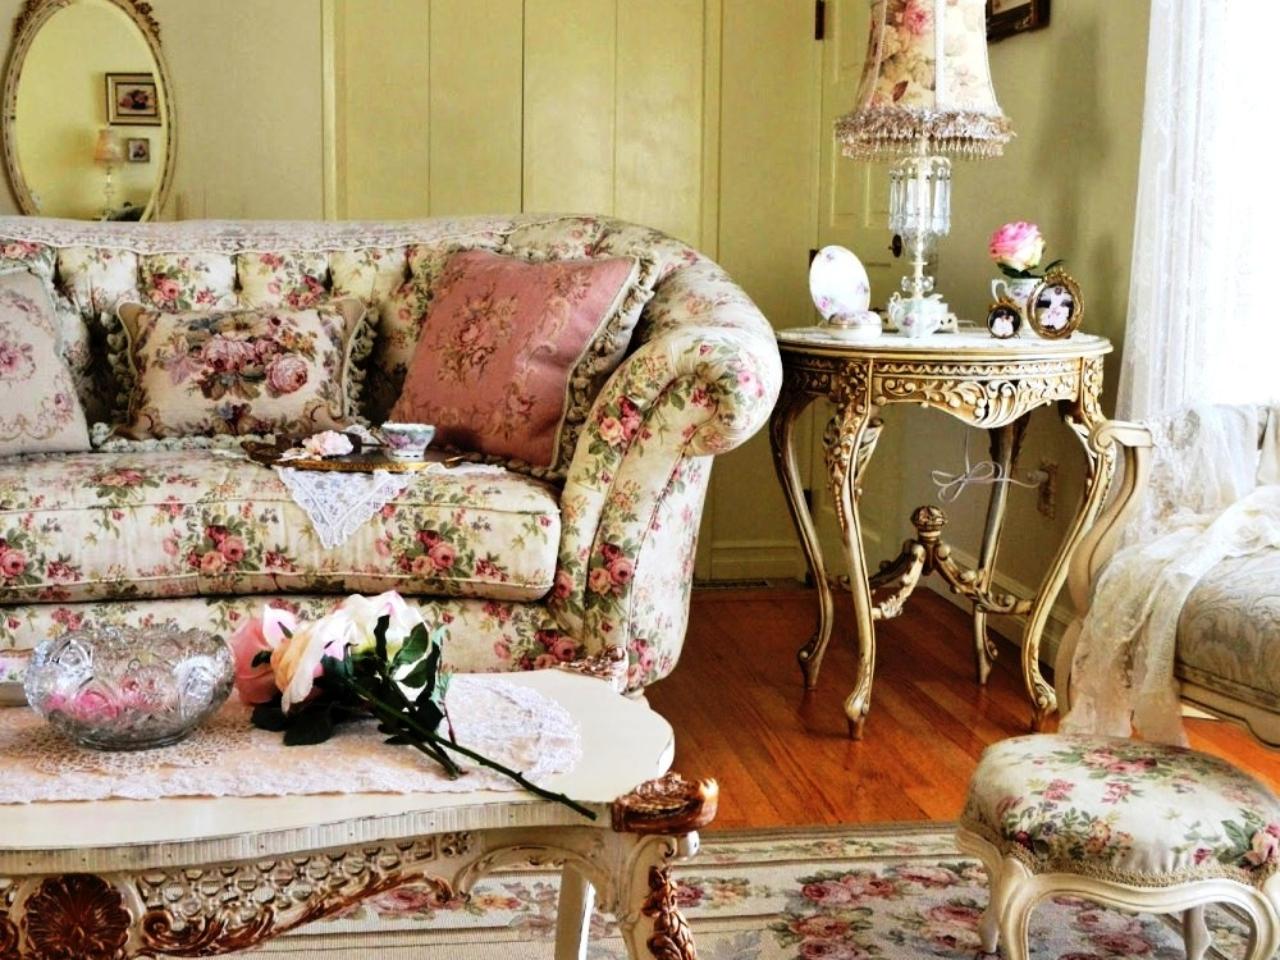 floralmile-Vintage-006-1280x960_c